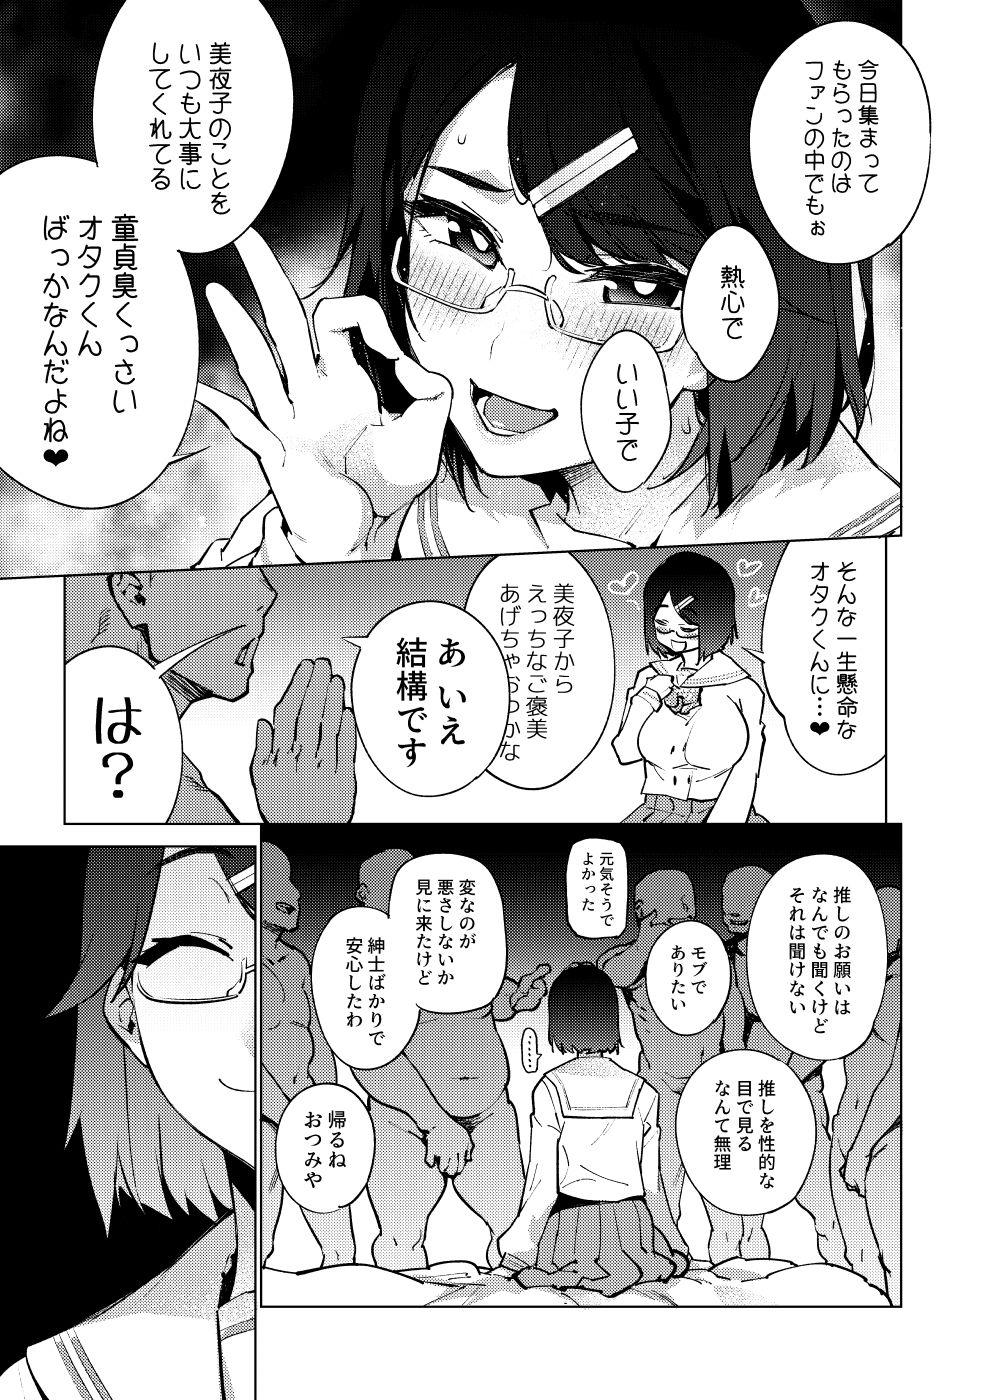 FANZA 同人【 瀬戸美◯子はオタクくんに恋してる】